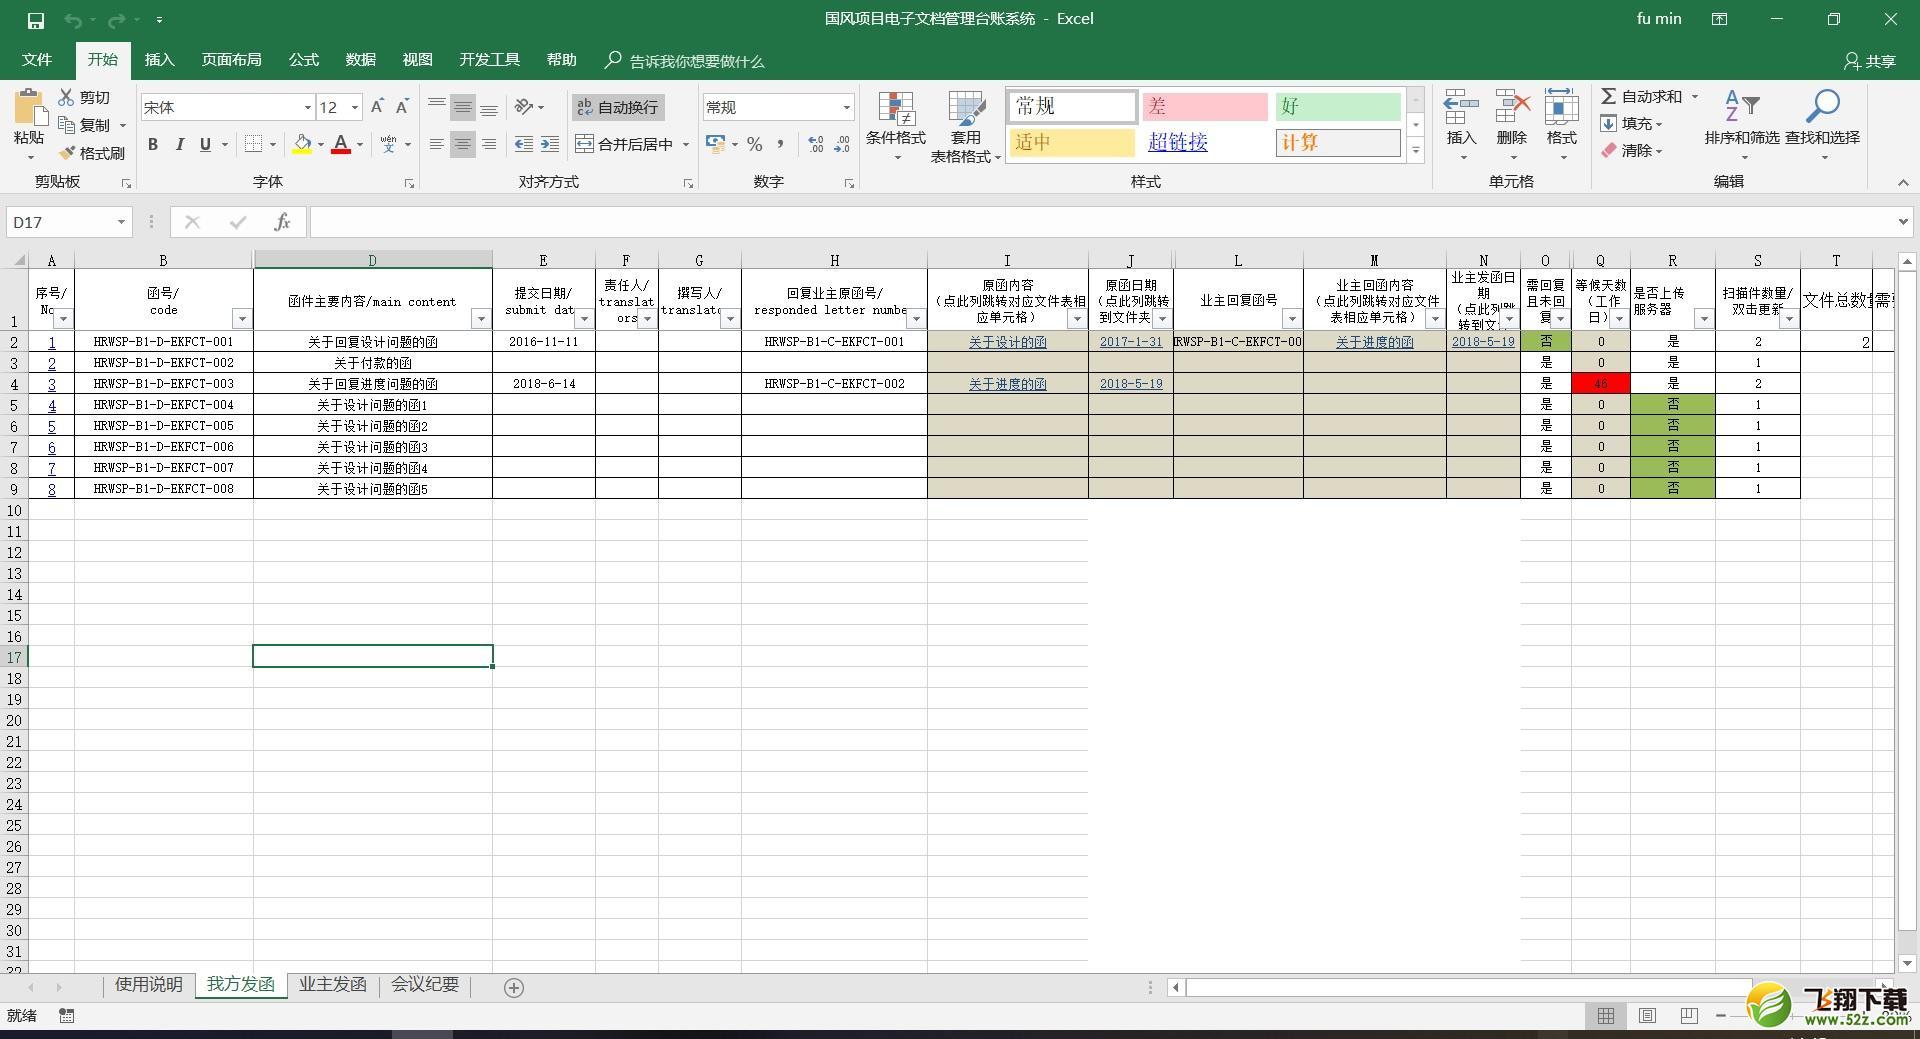 国风项目电子文档管理台账系统Build 20180818 官方版_52z.com